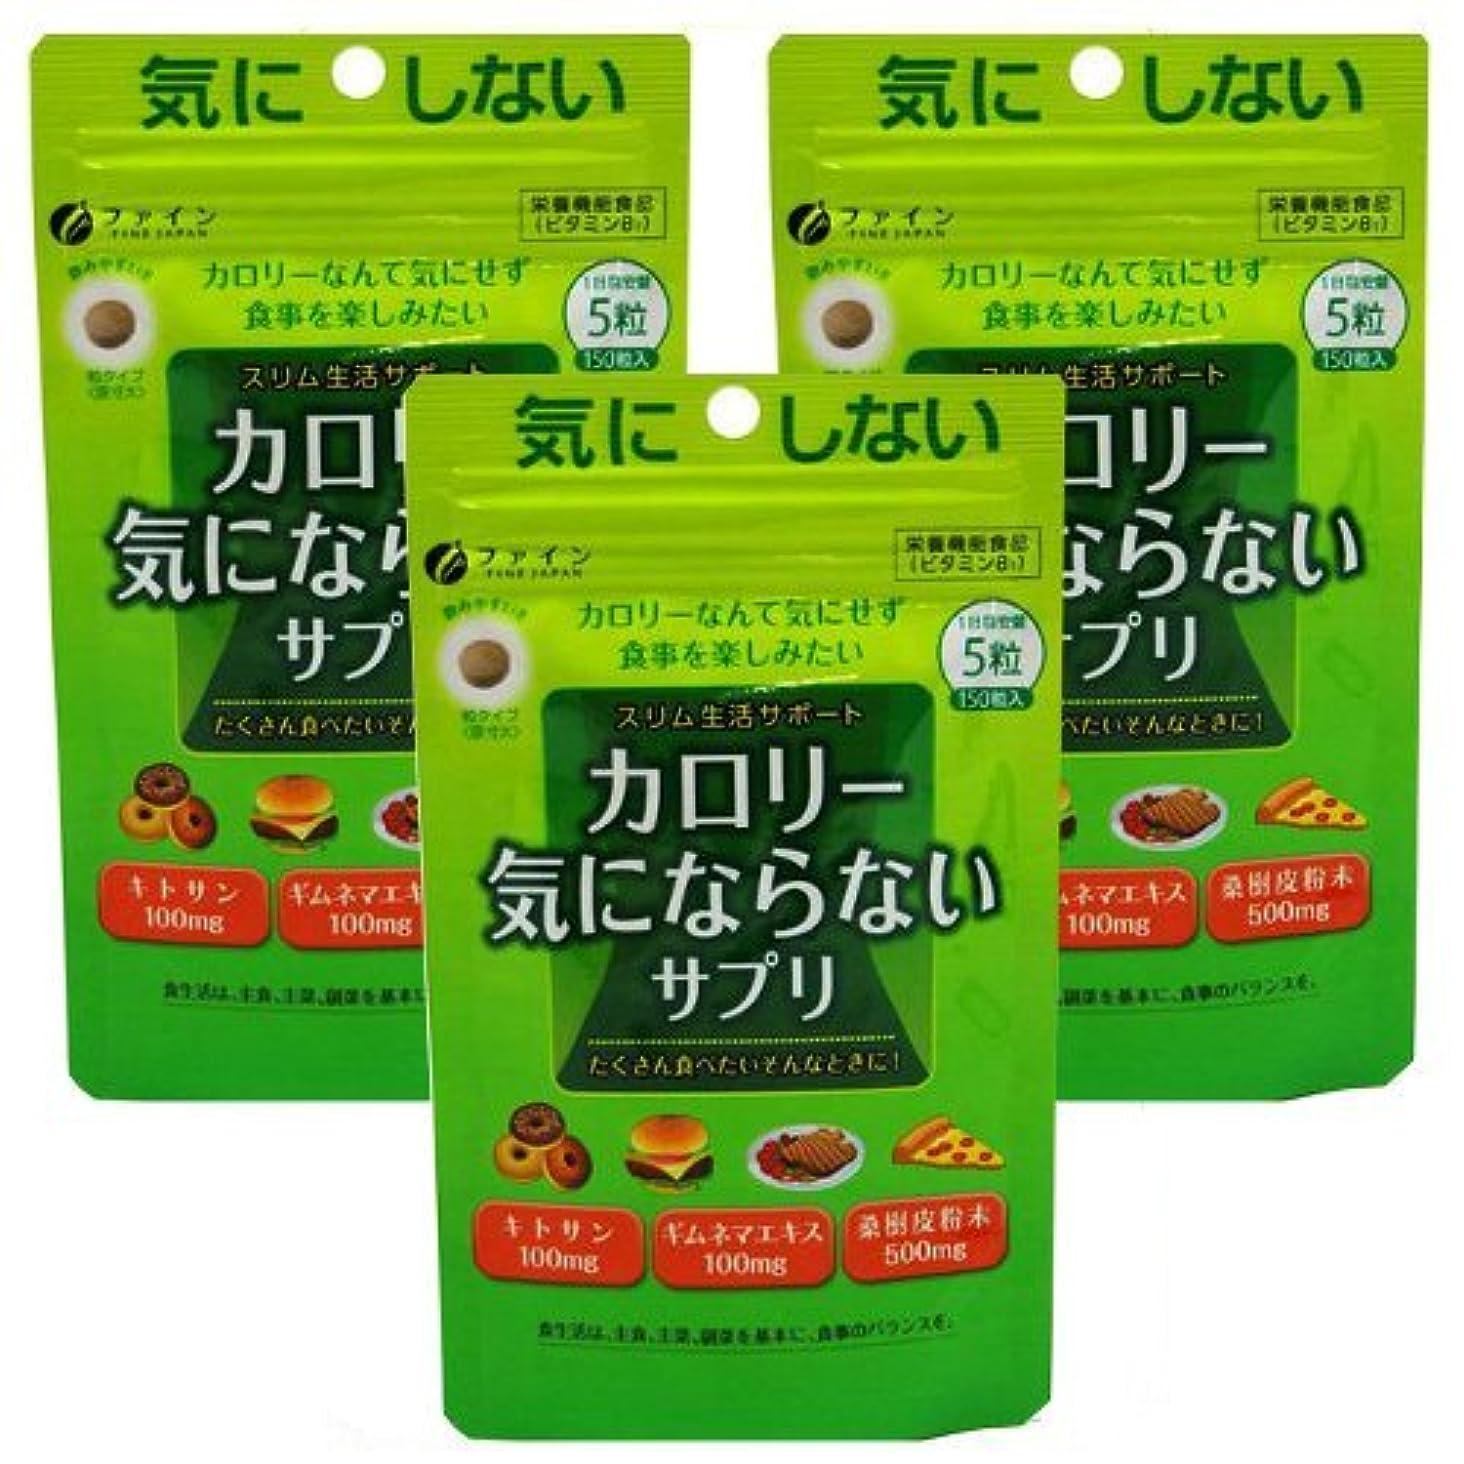 赤道ひどく不愉快カロリー気にならないサプリ 150粒(約1ヶ月分)×3袋